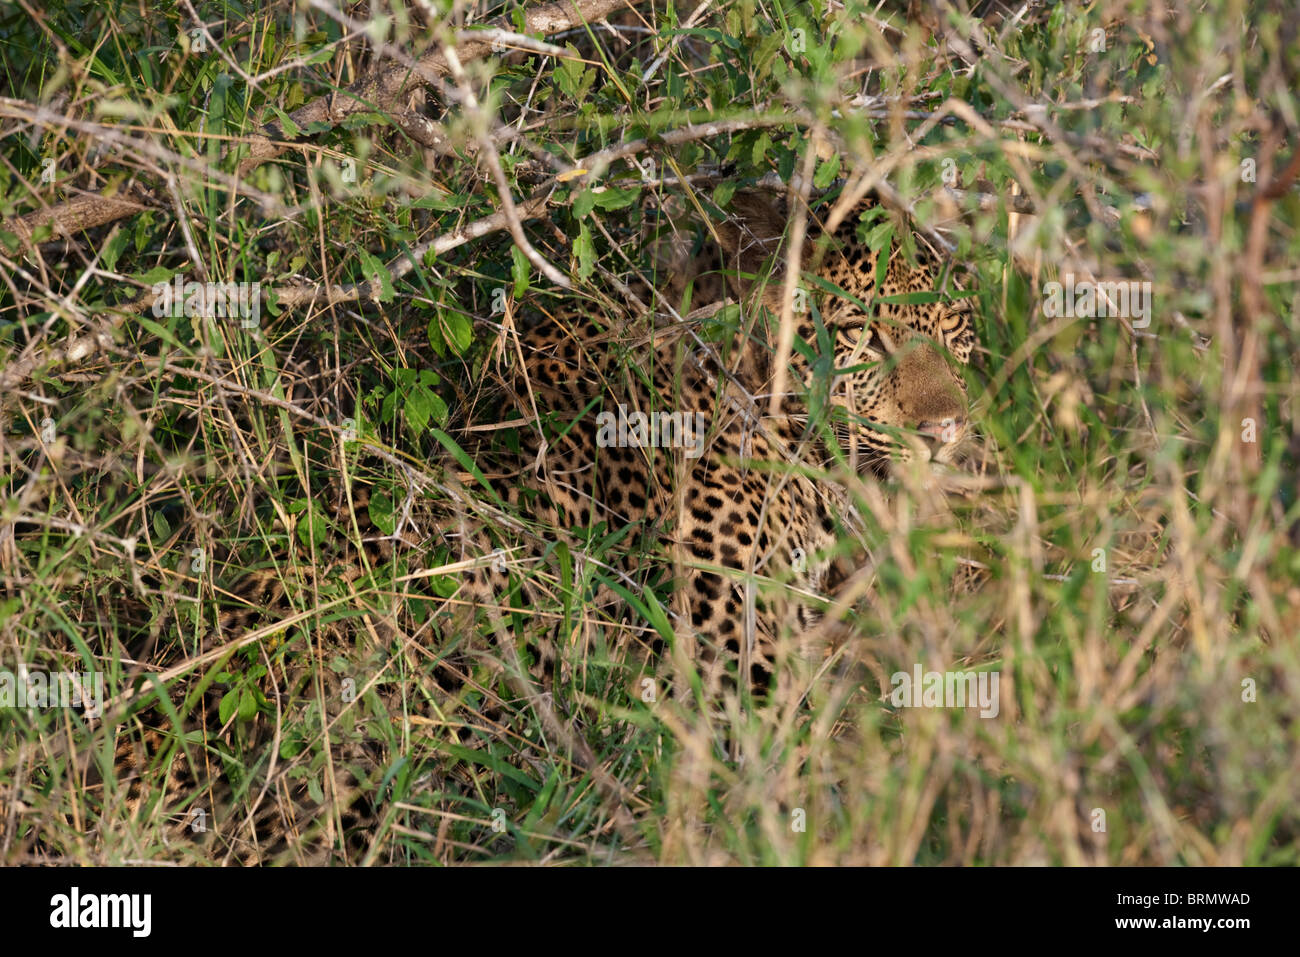 A Leopard Hidden In Long Grass Stock Photo 31806389 Alamy